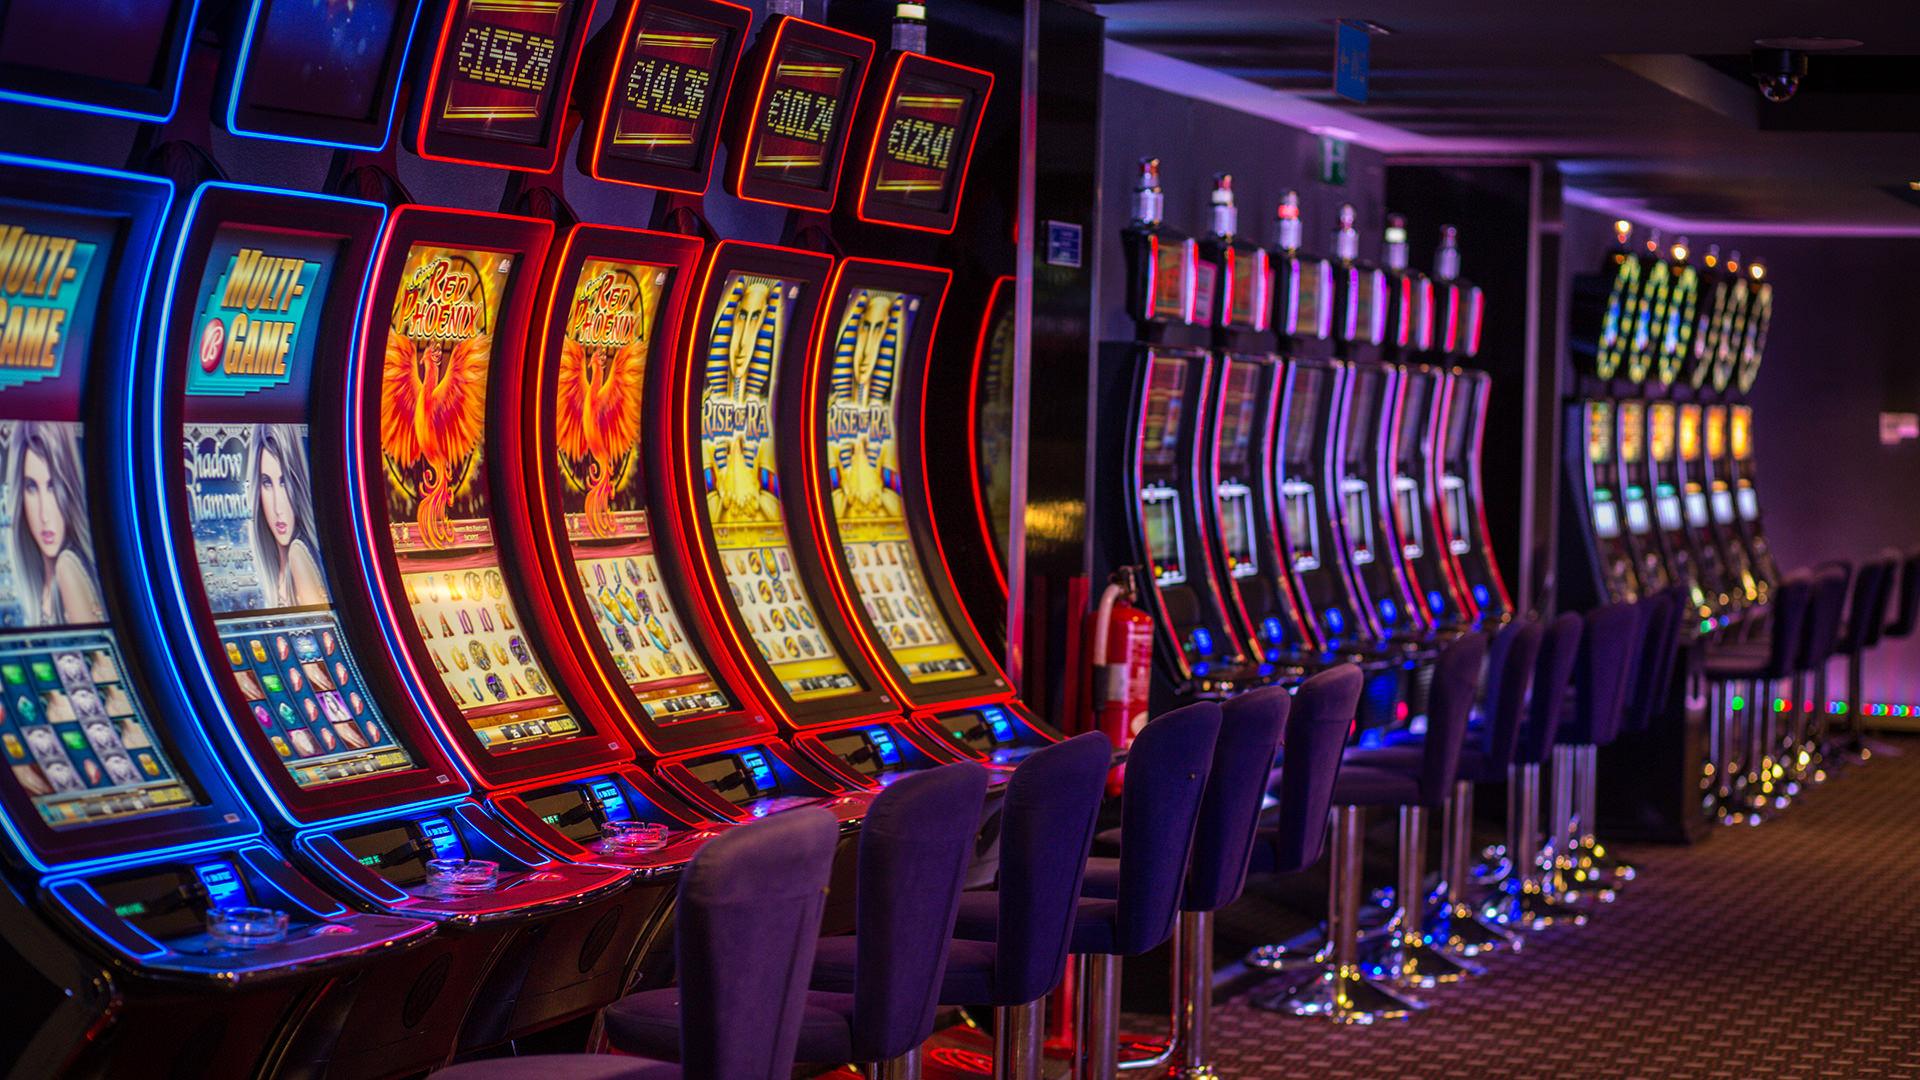 Casinos rabcat Portugal cassinos 604651